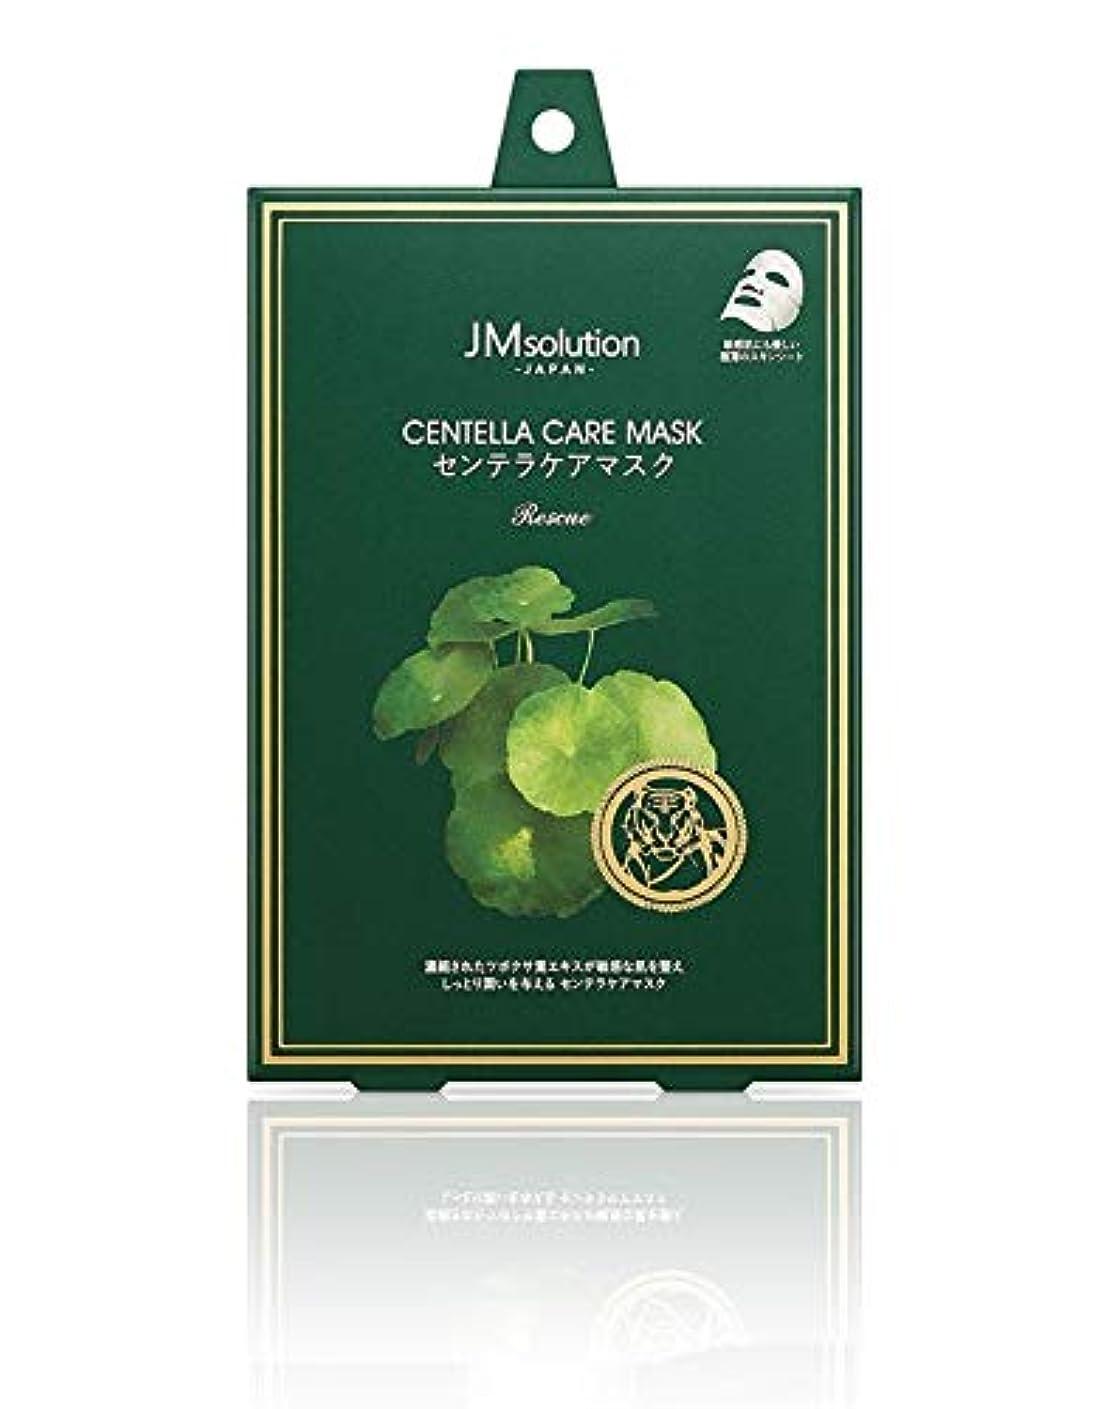 噴出する白菜奨励しますJMsolution センテラ ケアマスク 25g×5枚(箱入り)